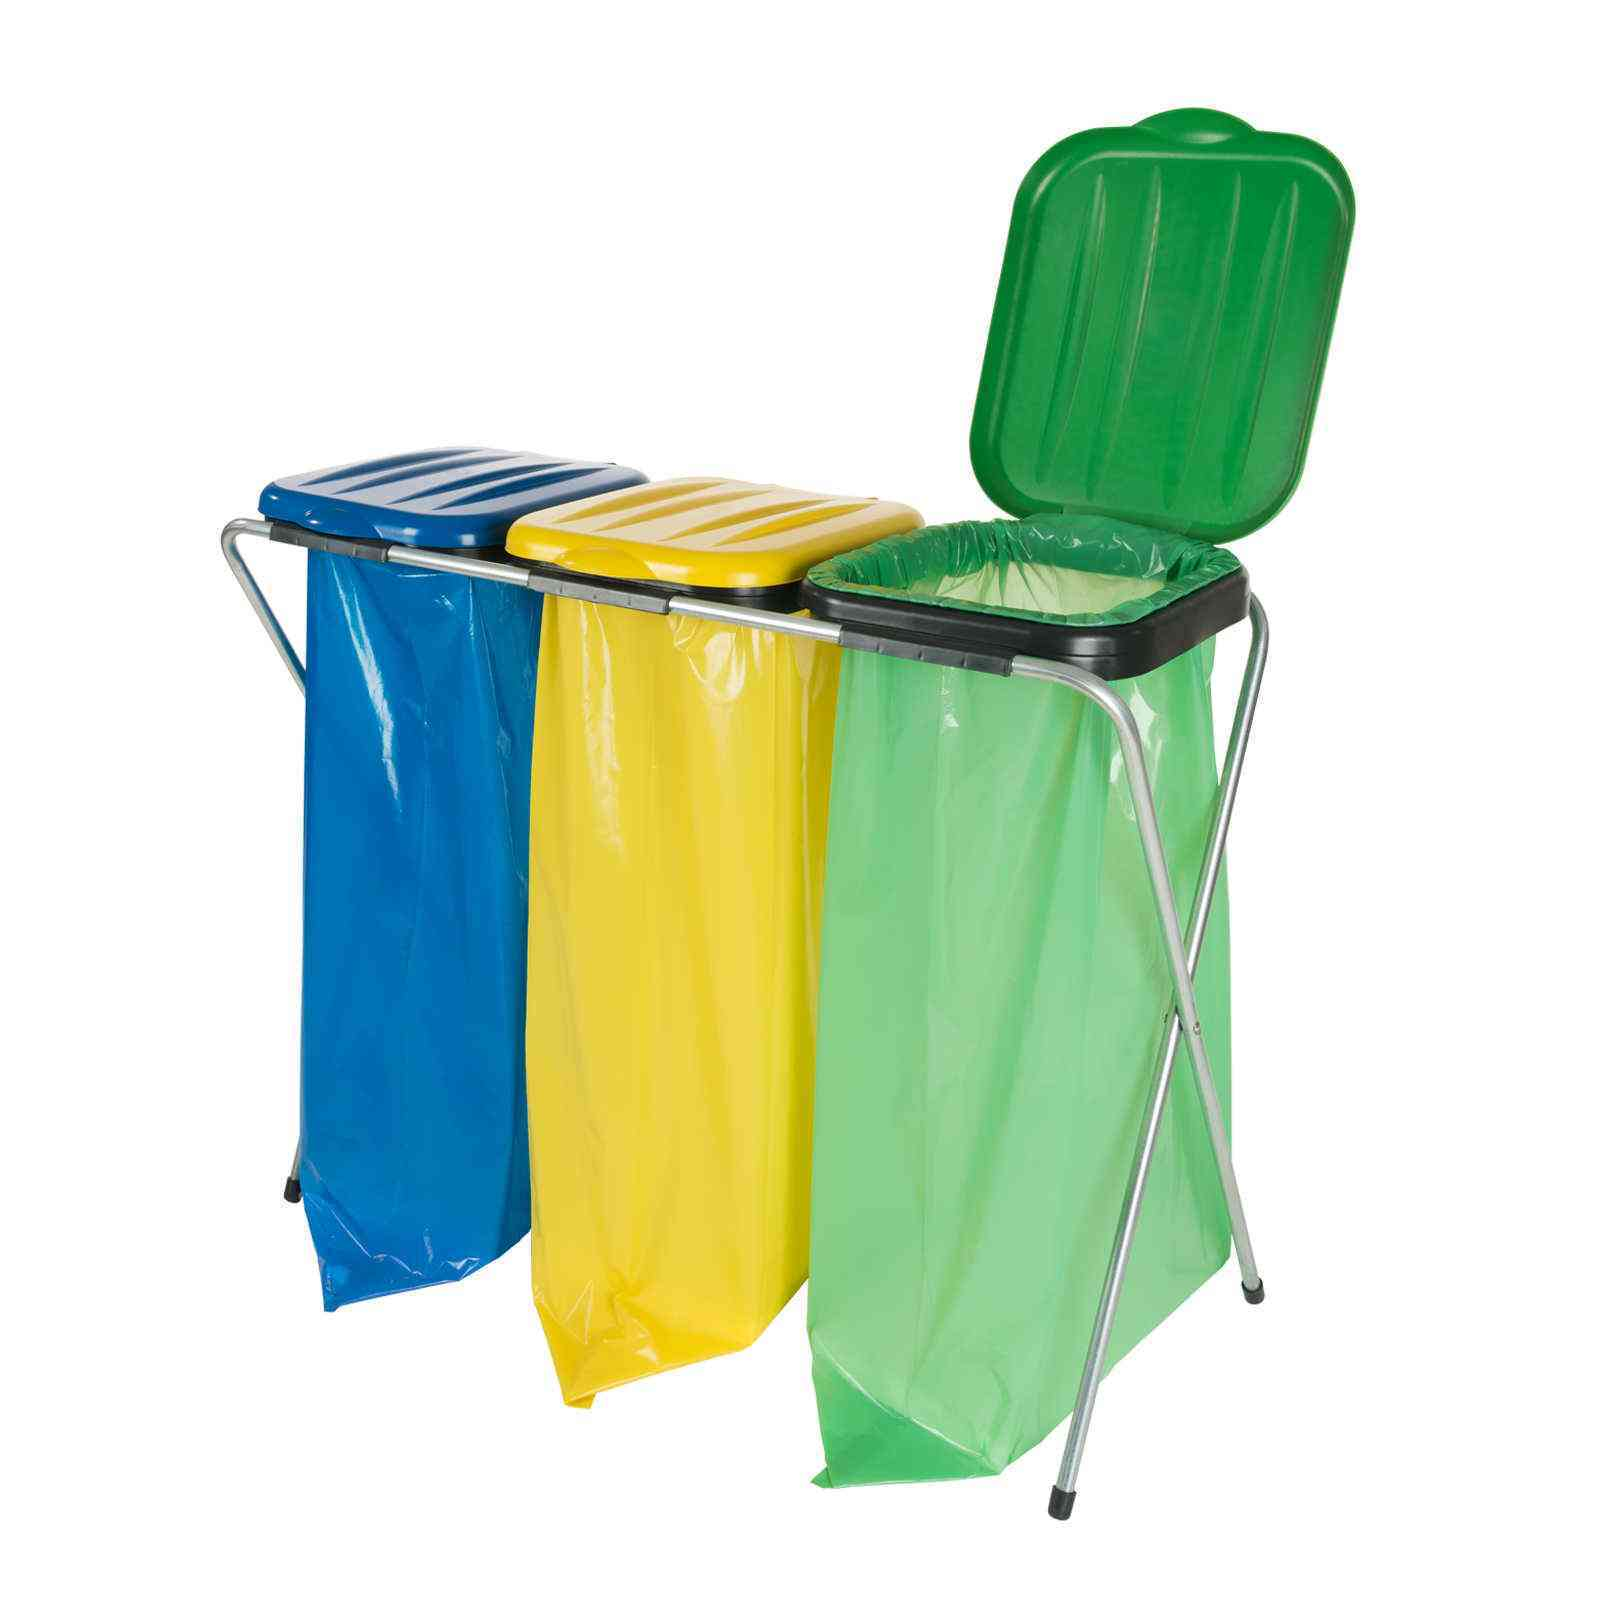 Stojaki do selektywnej zbiórki odpadów